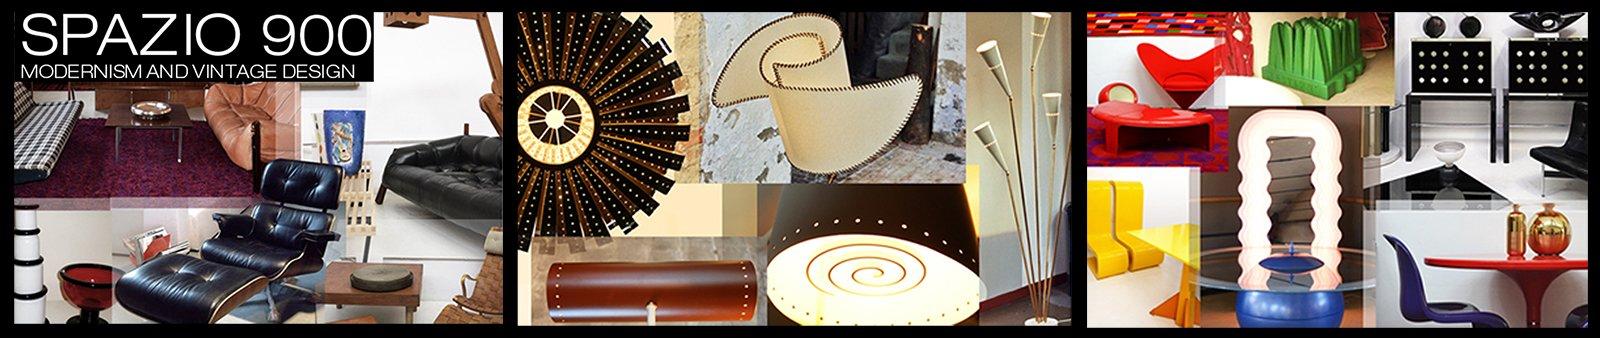 Il design anche vintage e di modernariato vendita for Vendita mobili modernariato